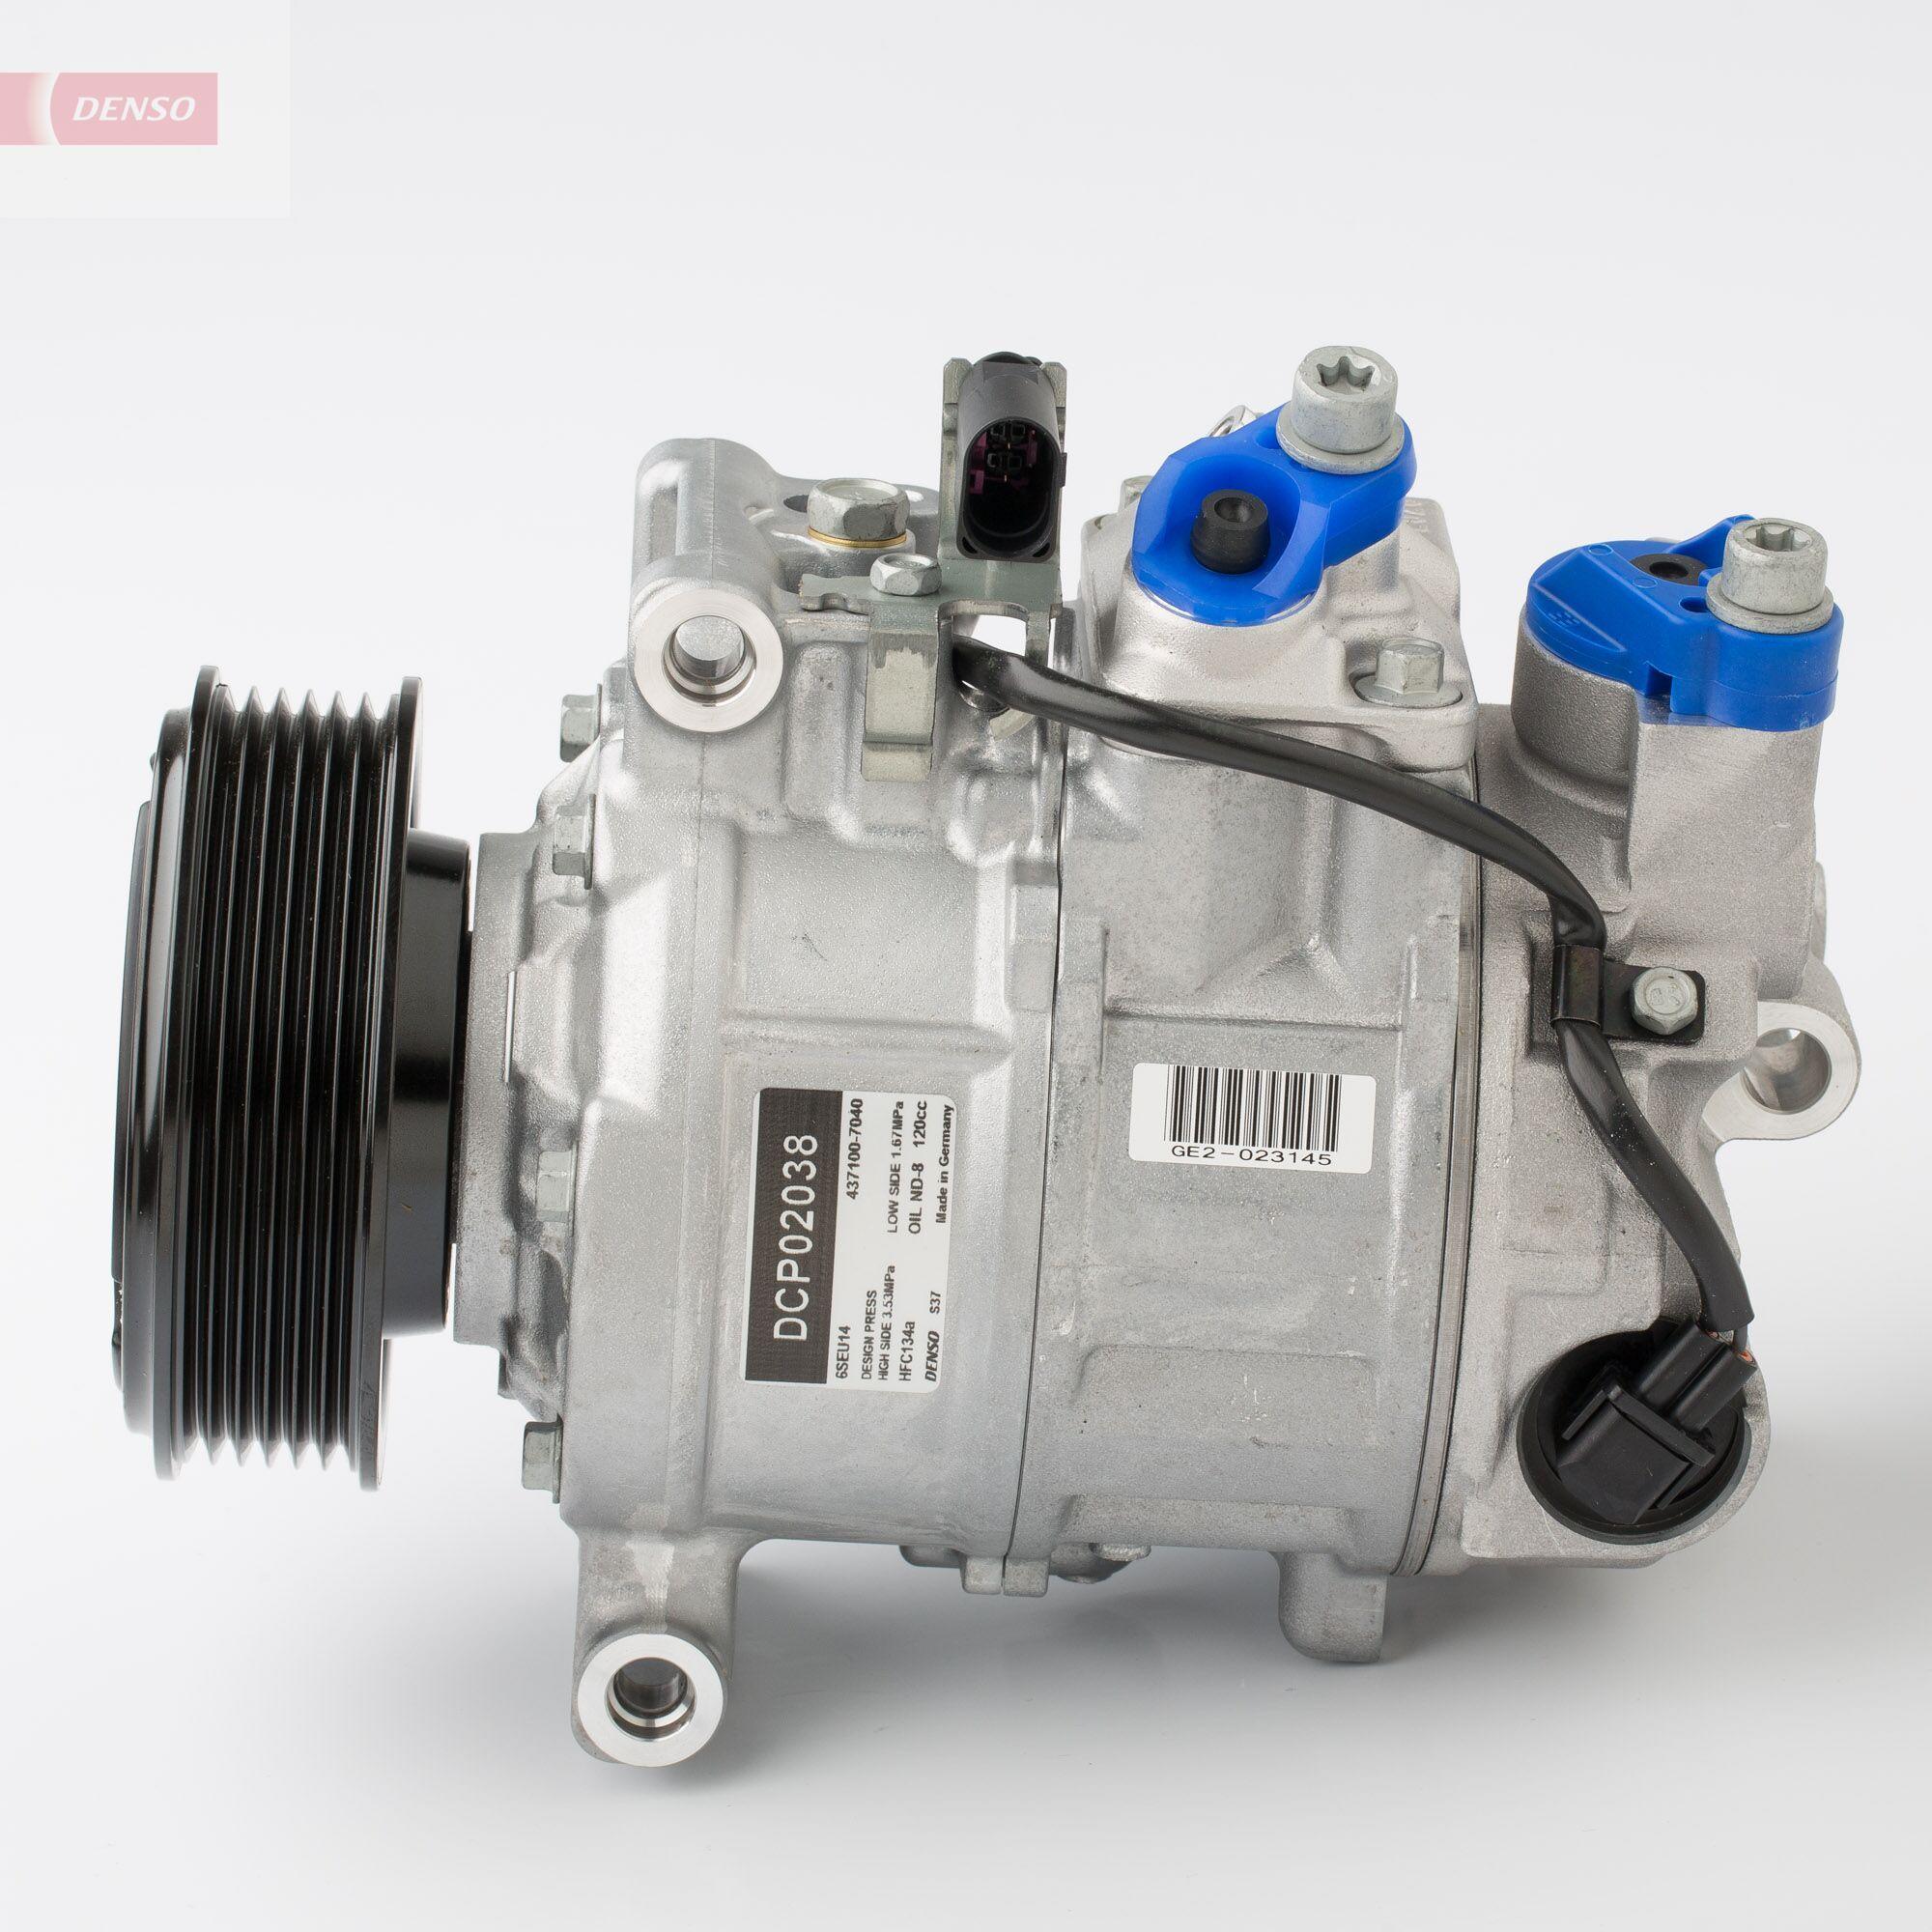 Klimakompressor DCP02038 von DENSO